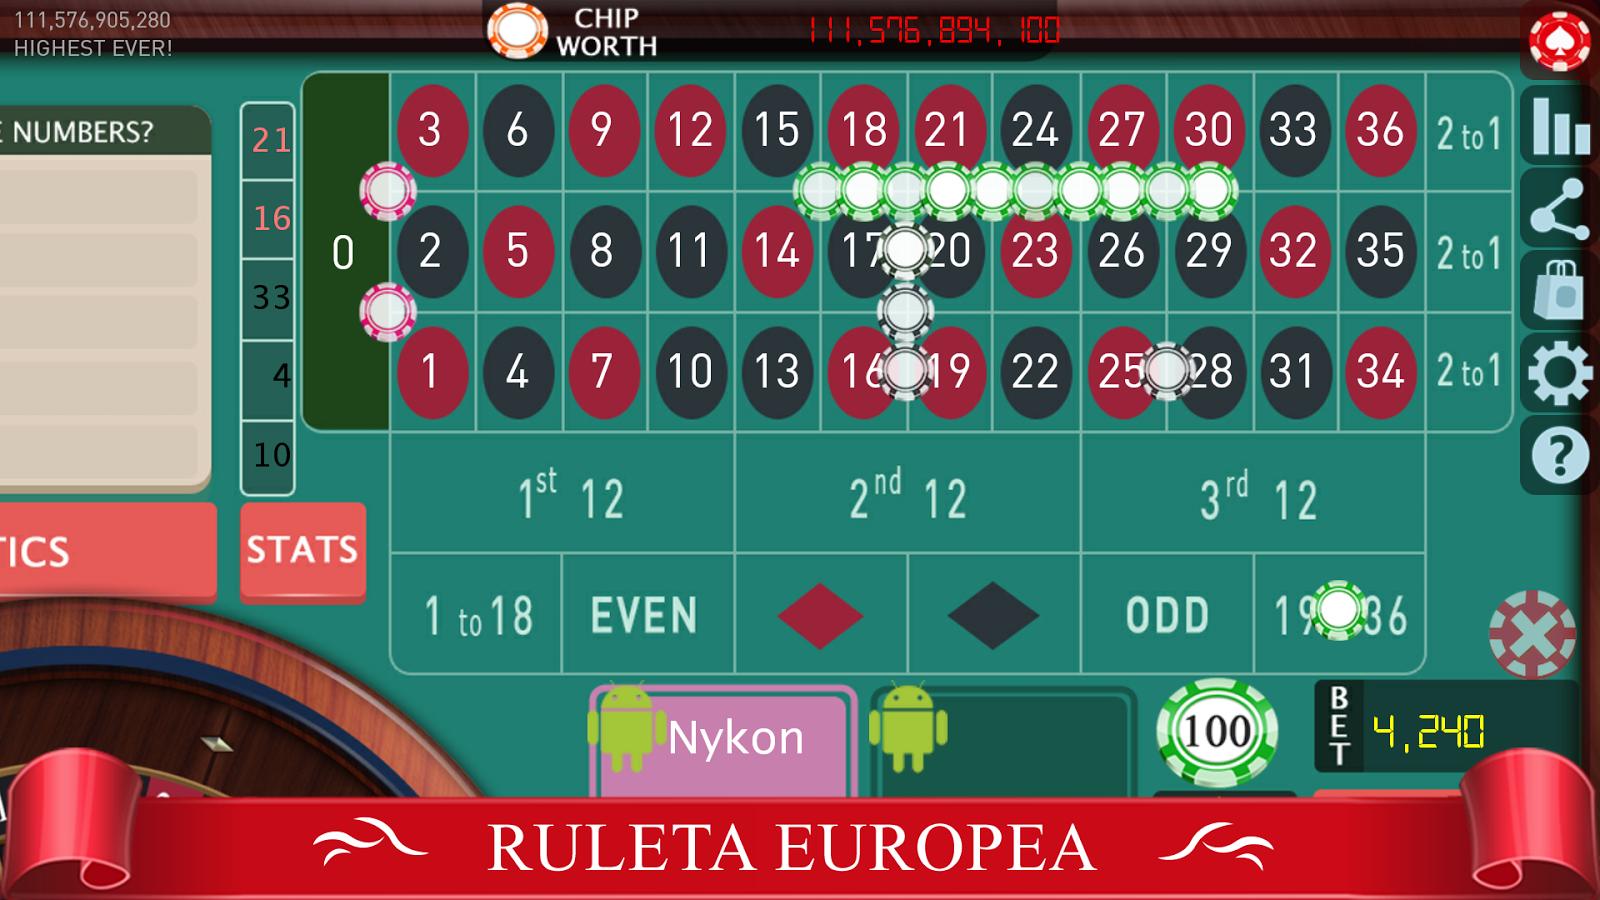 Rocky gratis bonos simulador ruleta-714850